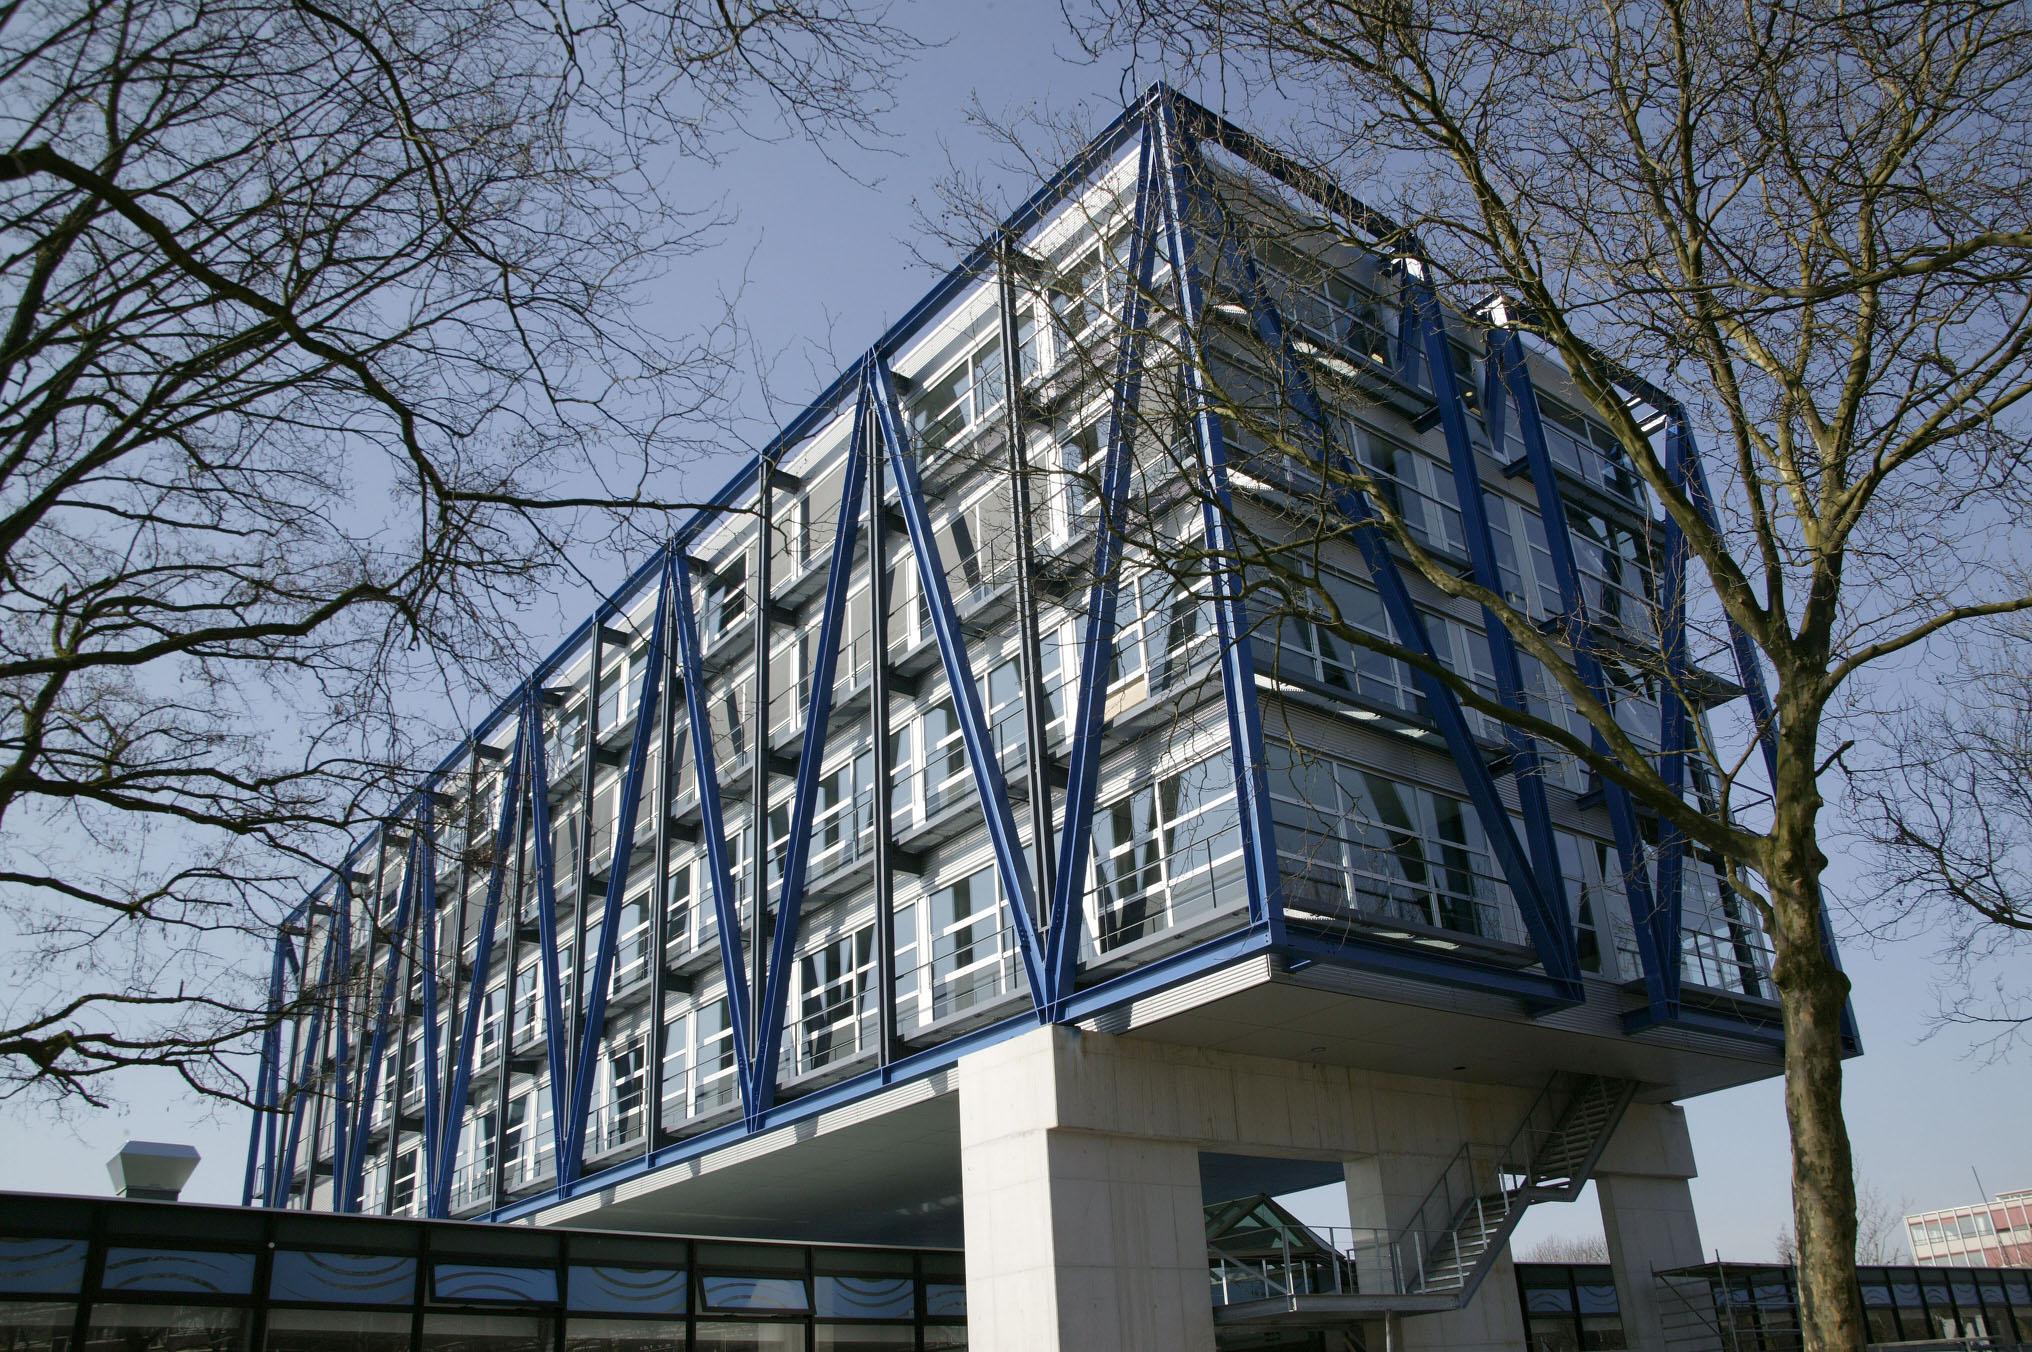 Eindhovense school 05